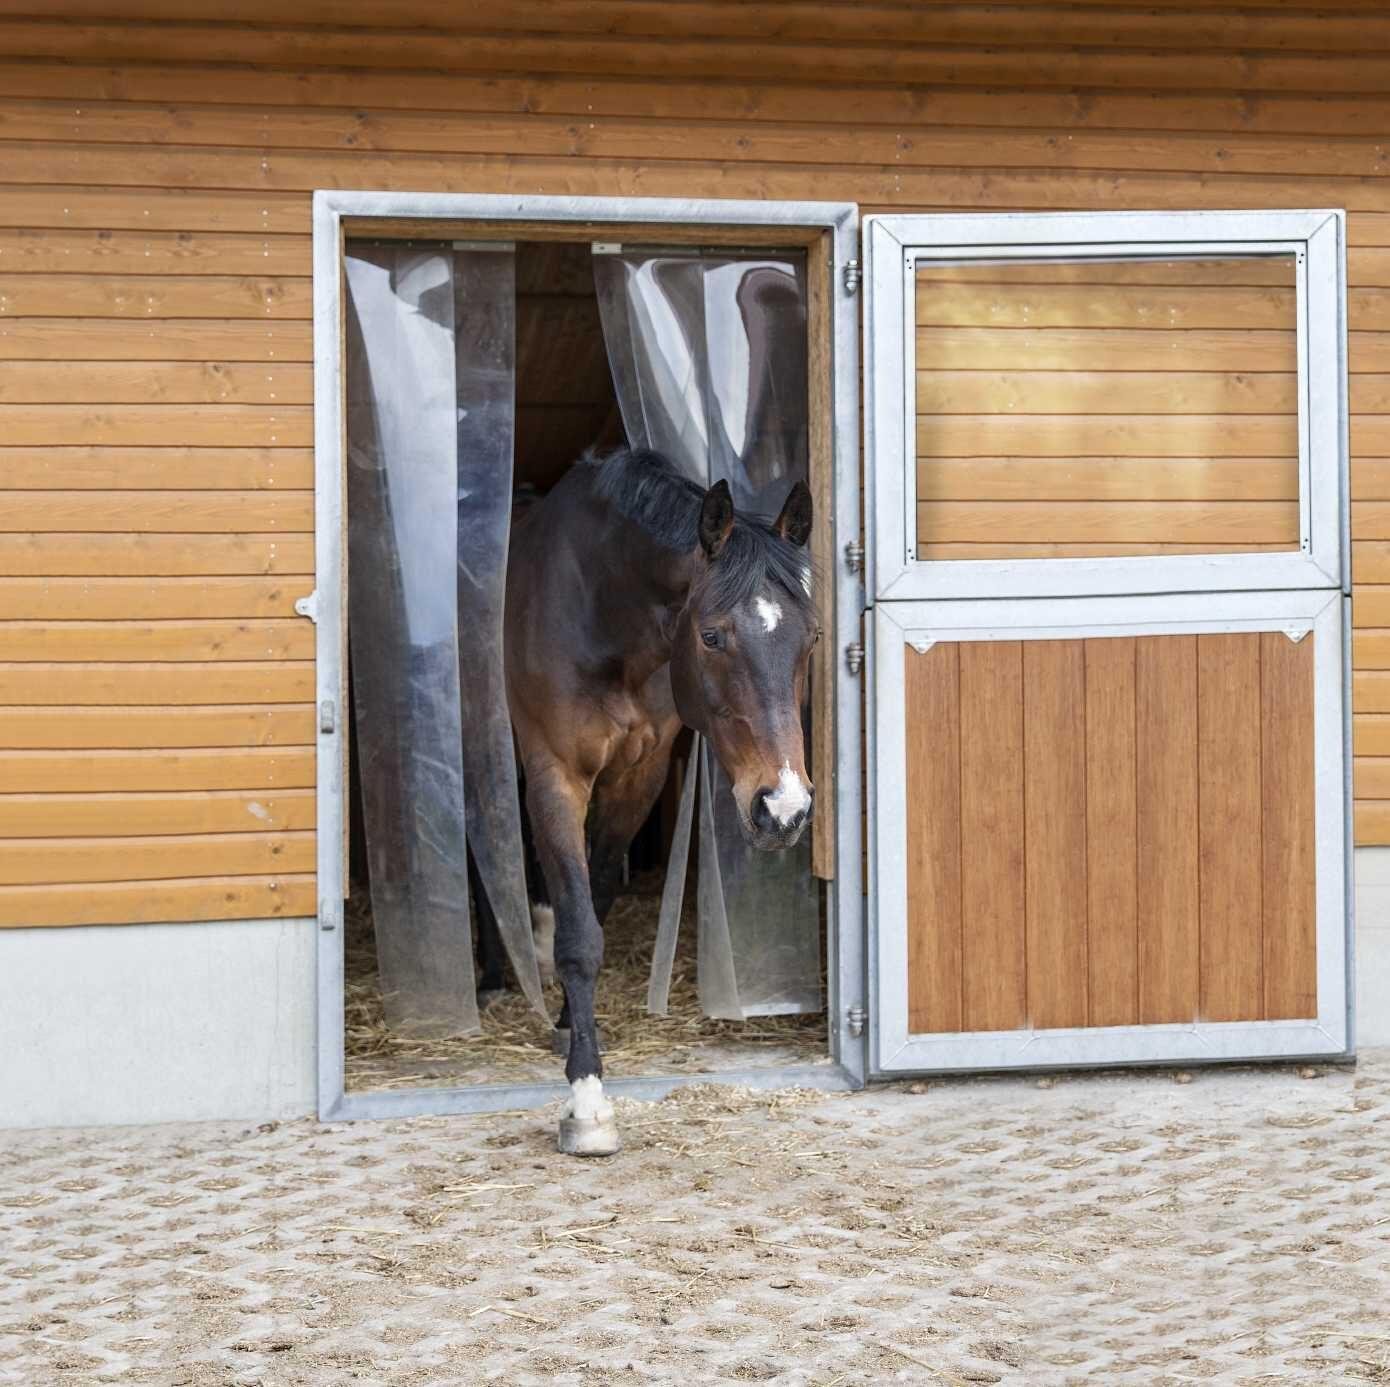 Pferd kommt aus dem mit Streifenvorhängen versehenen Offenstall